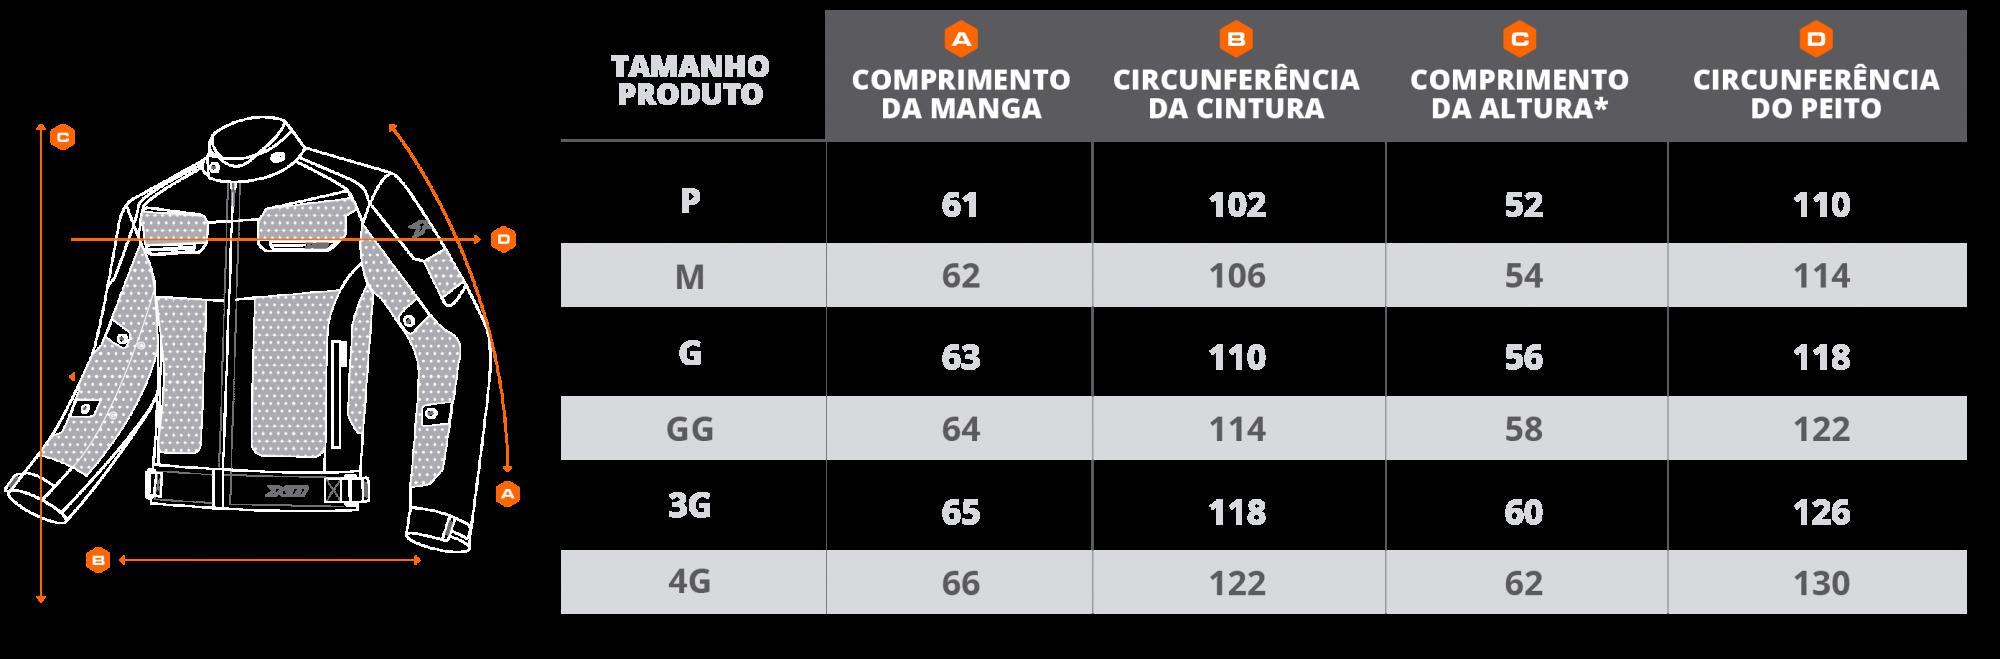 JAQUETA X11 BREEZE MASC PRETO